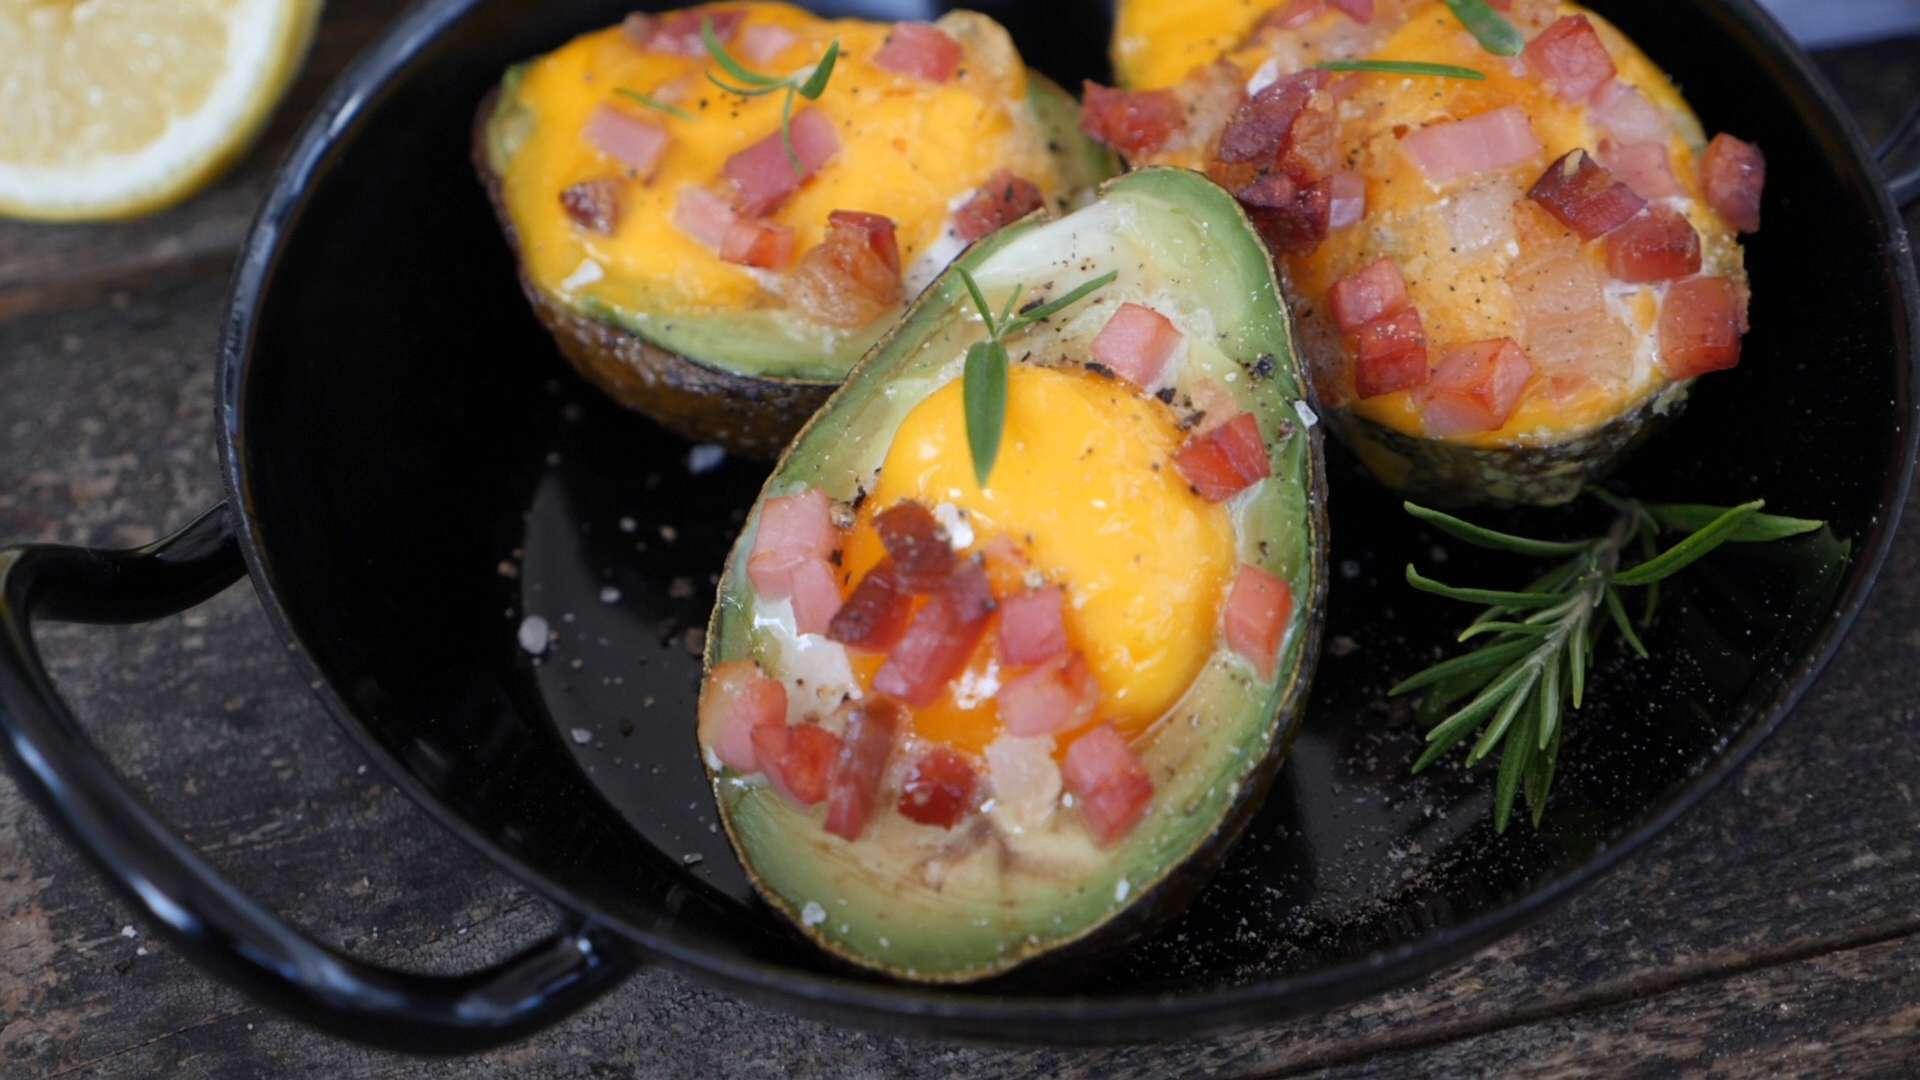 Hütthaler kocht gefüllte Avocados mit Speck